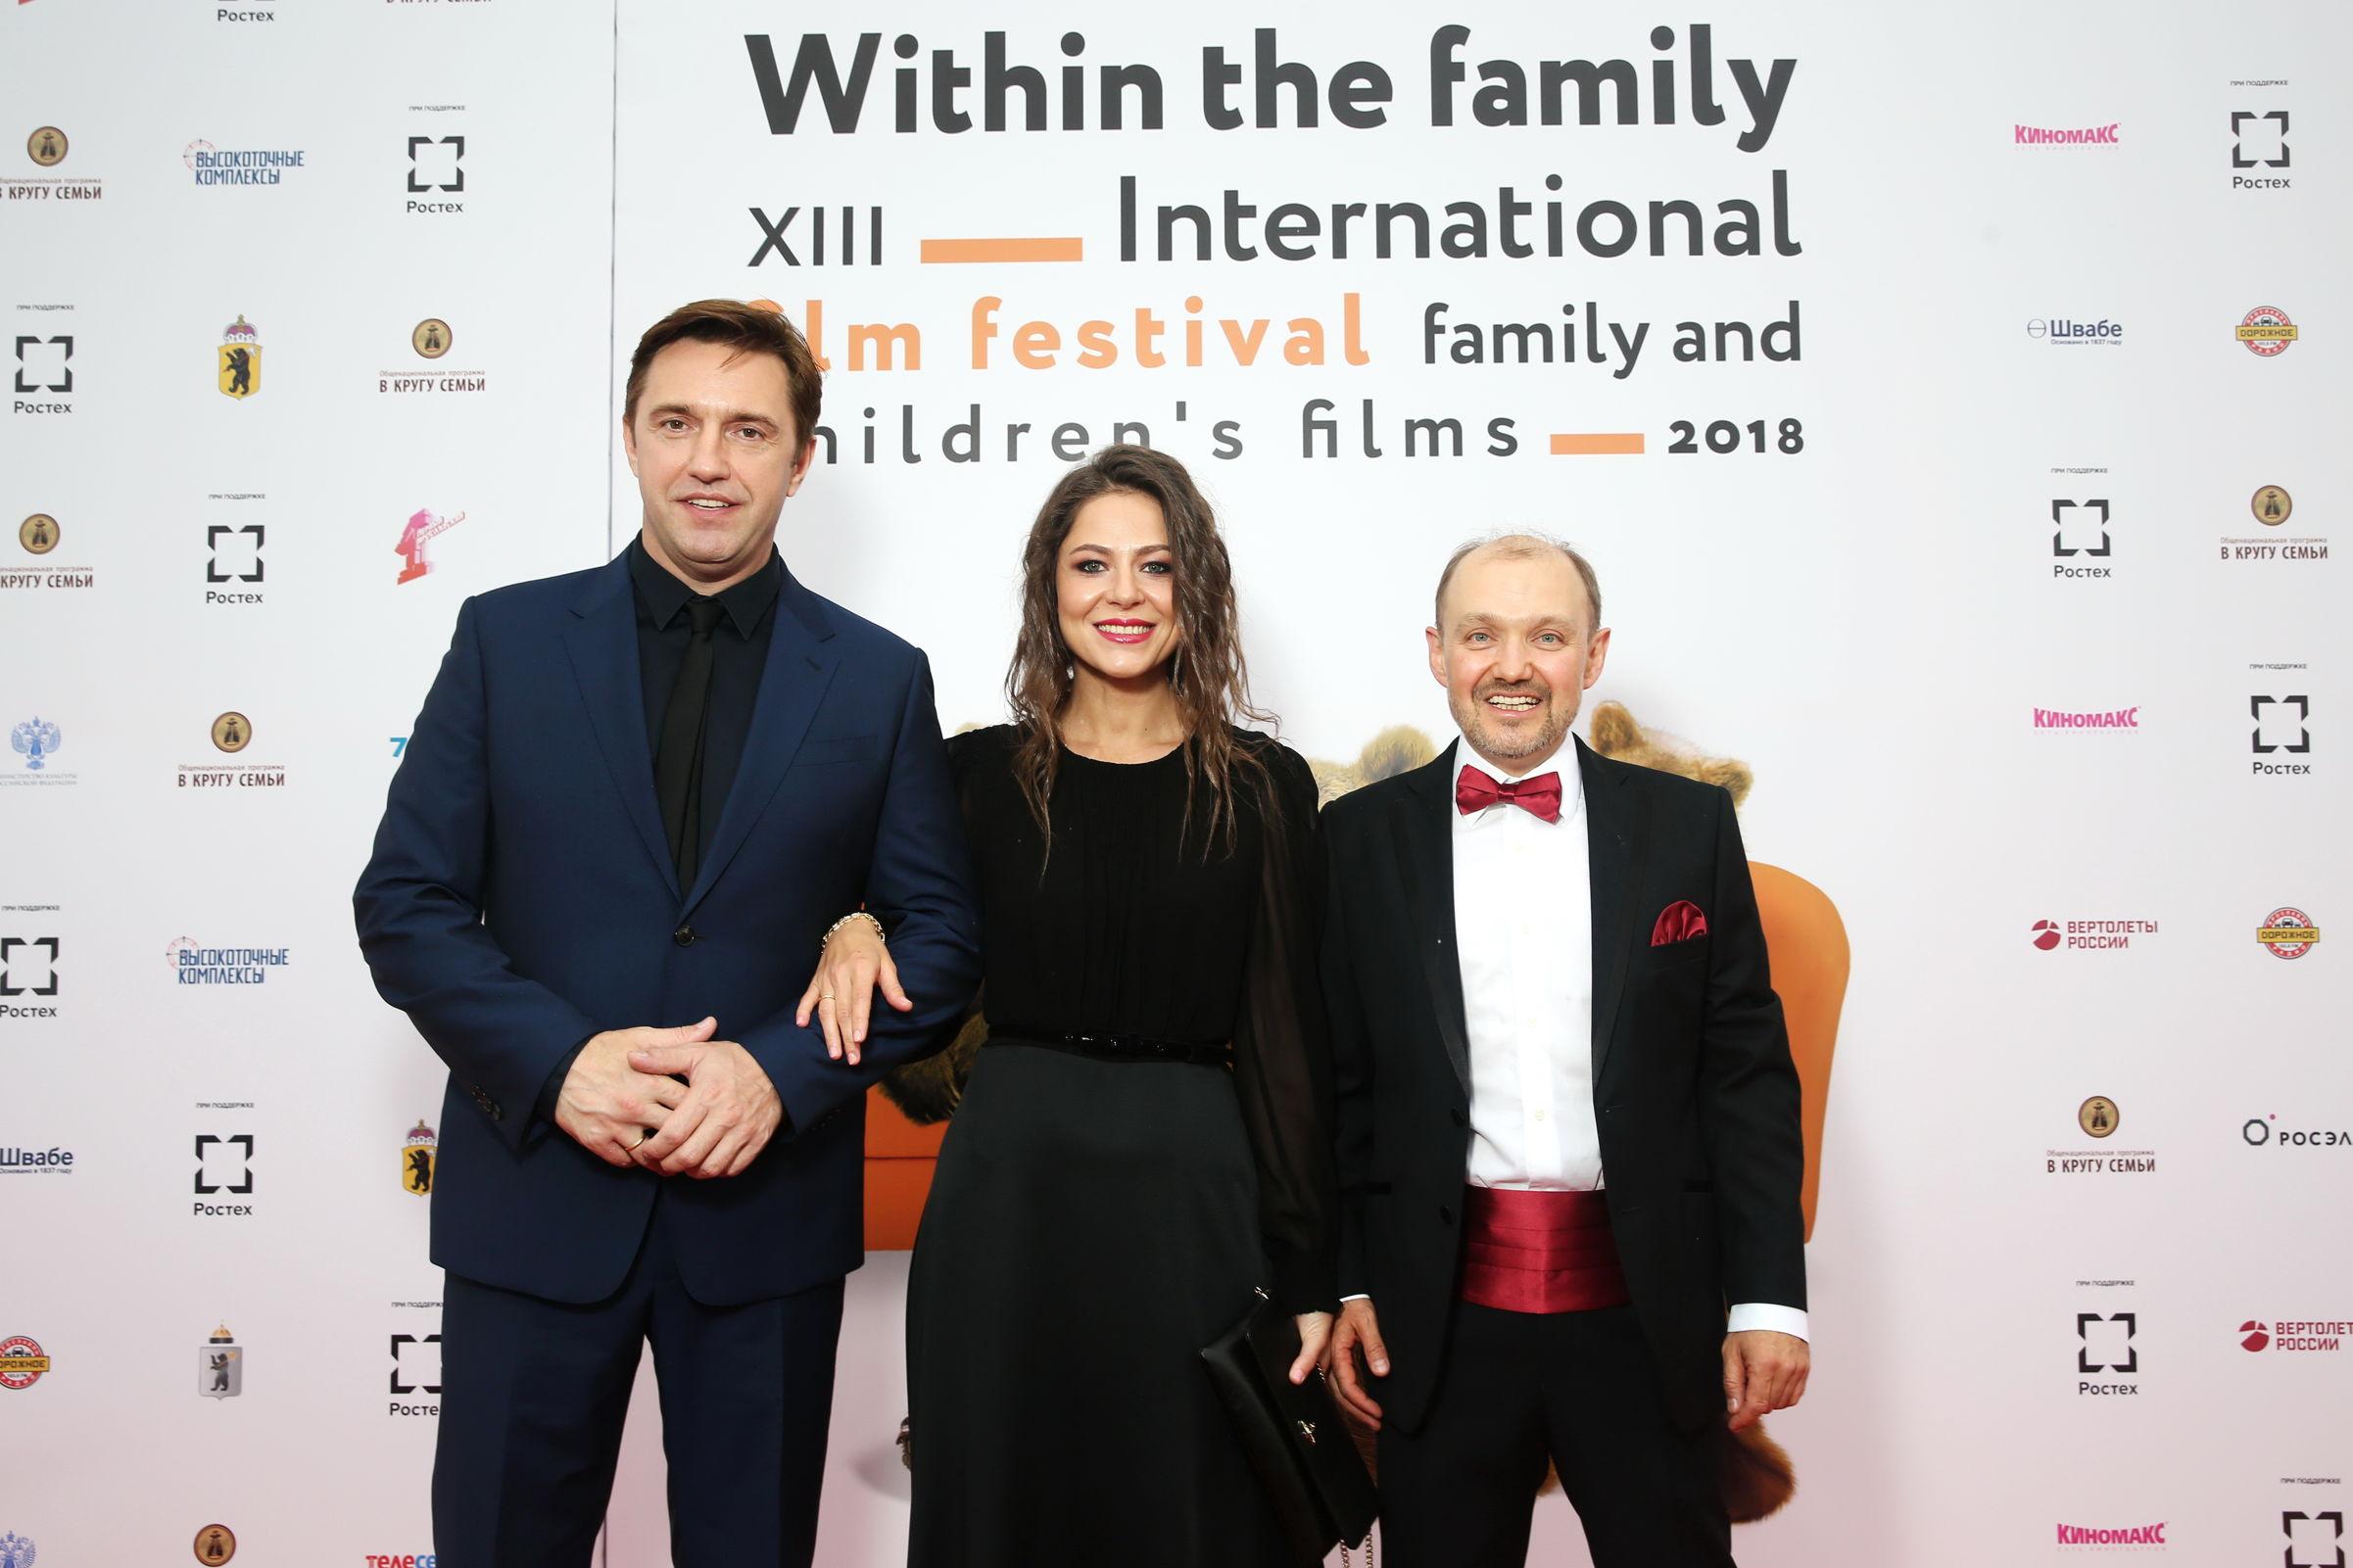 Ярославль вновь примет кинофестиваль семейных и детских фильмов «В кругу семьи»